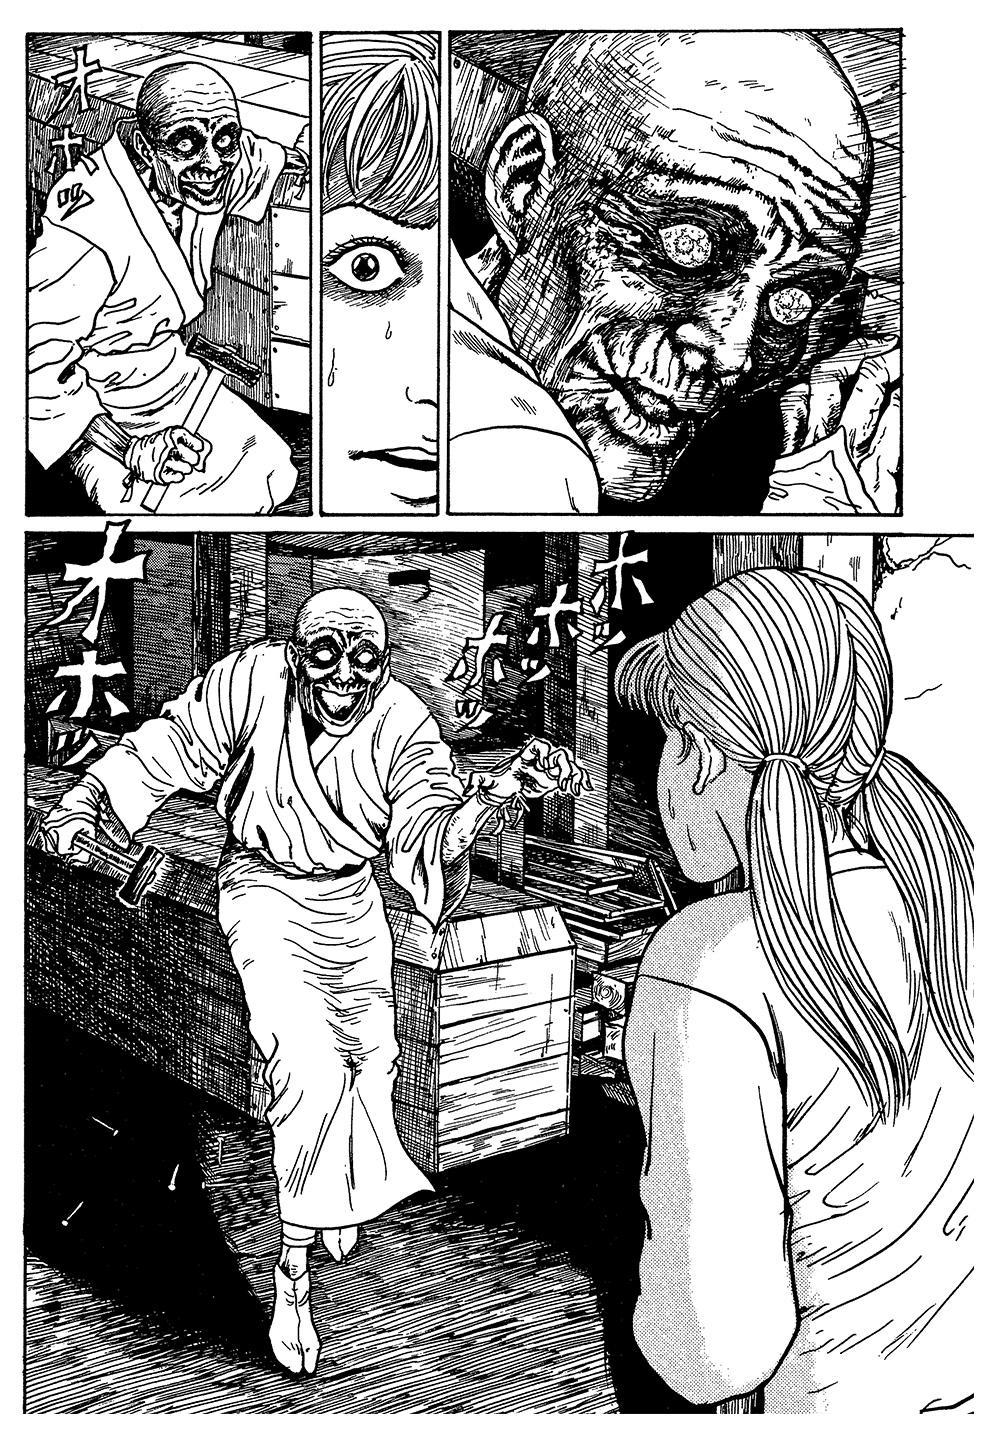 伊藤潤二傑作集「棺桶」①kanoke02-02.jpg